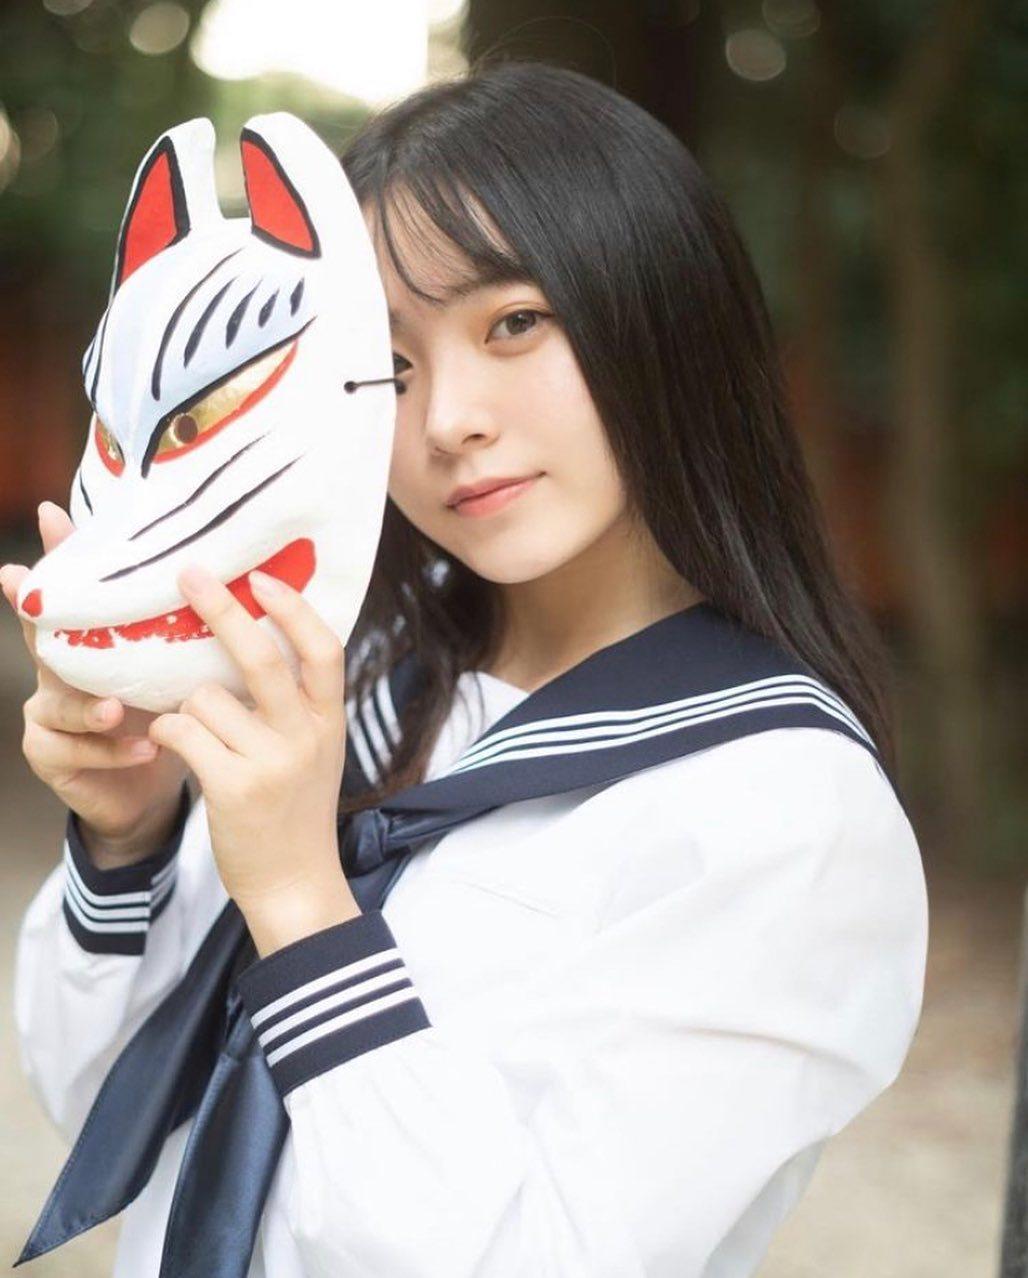 17岁仙女高中生瀬戸りつ绝美长相激似IU 全身散发空灵气质美到有点不真实 养眼图片 第20张